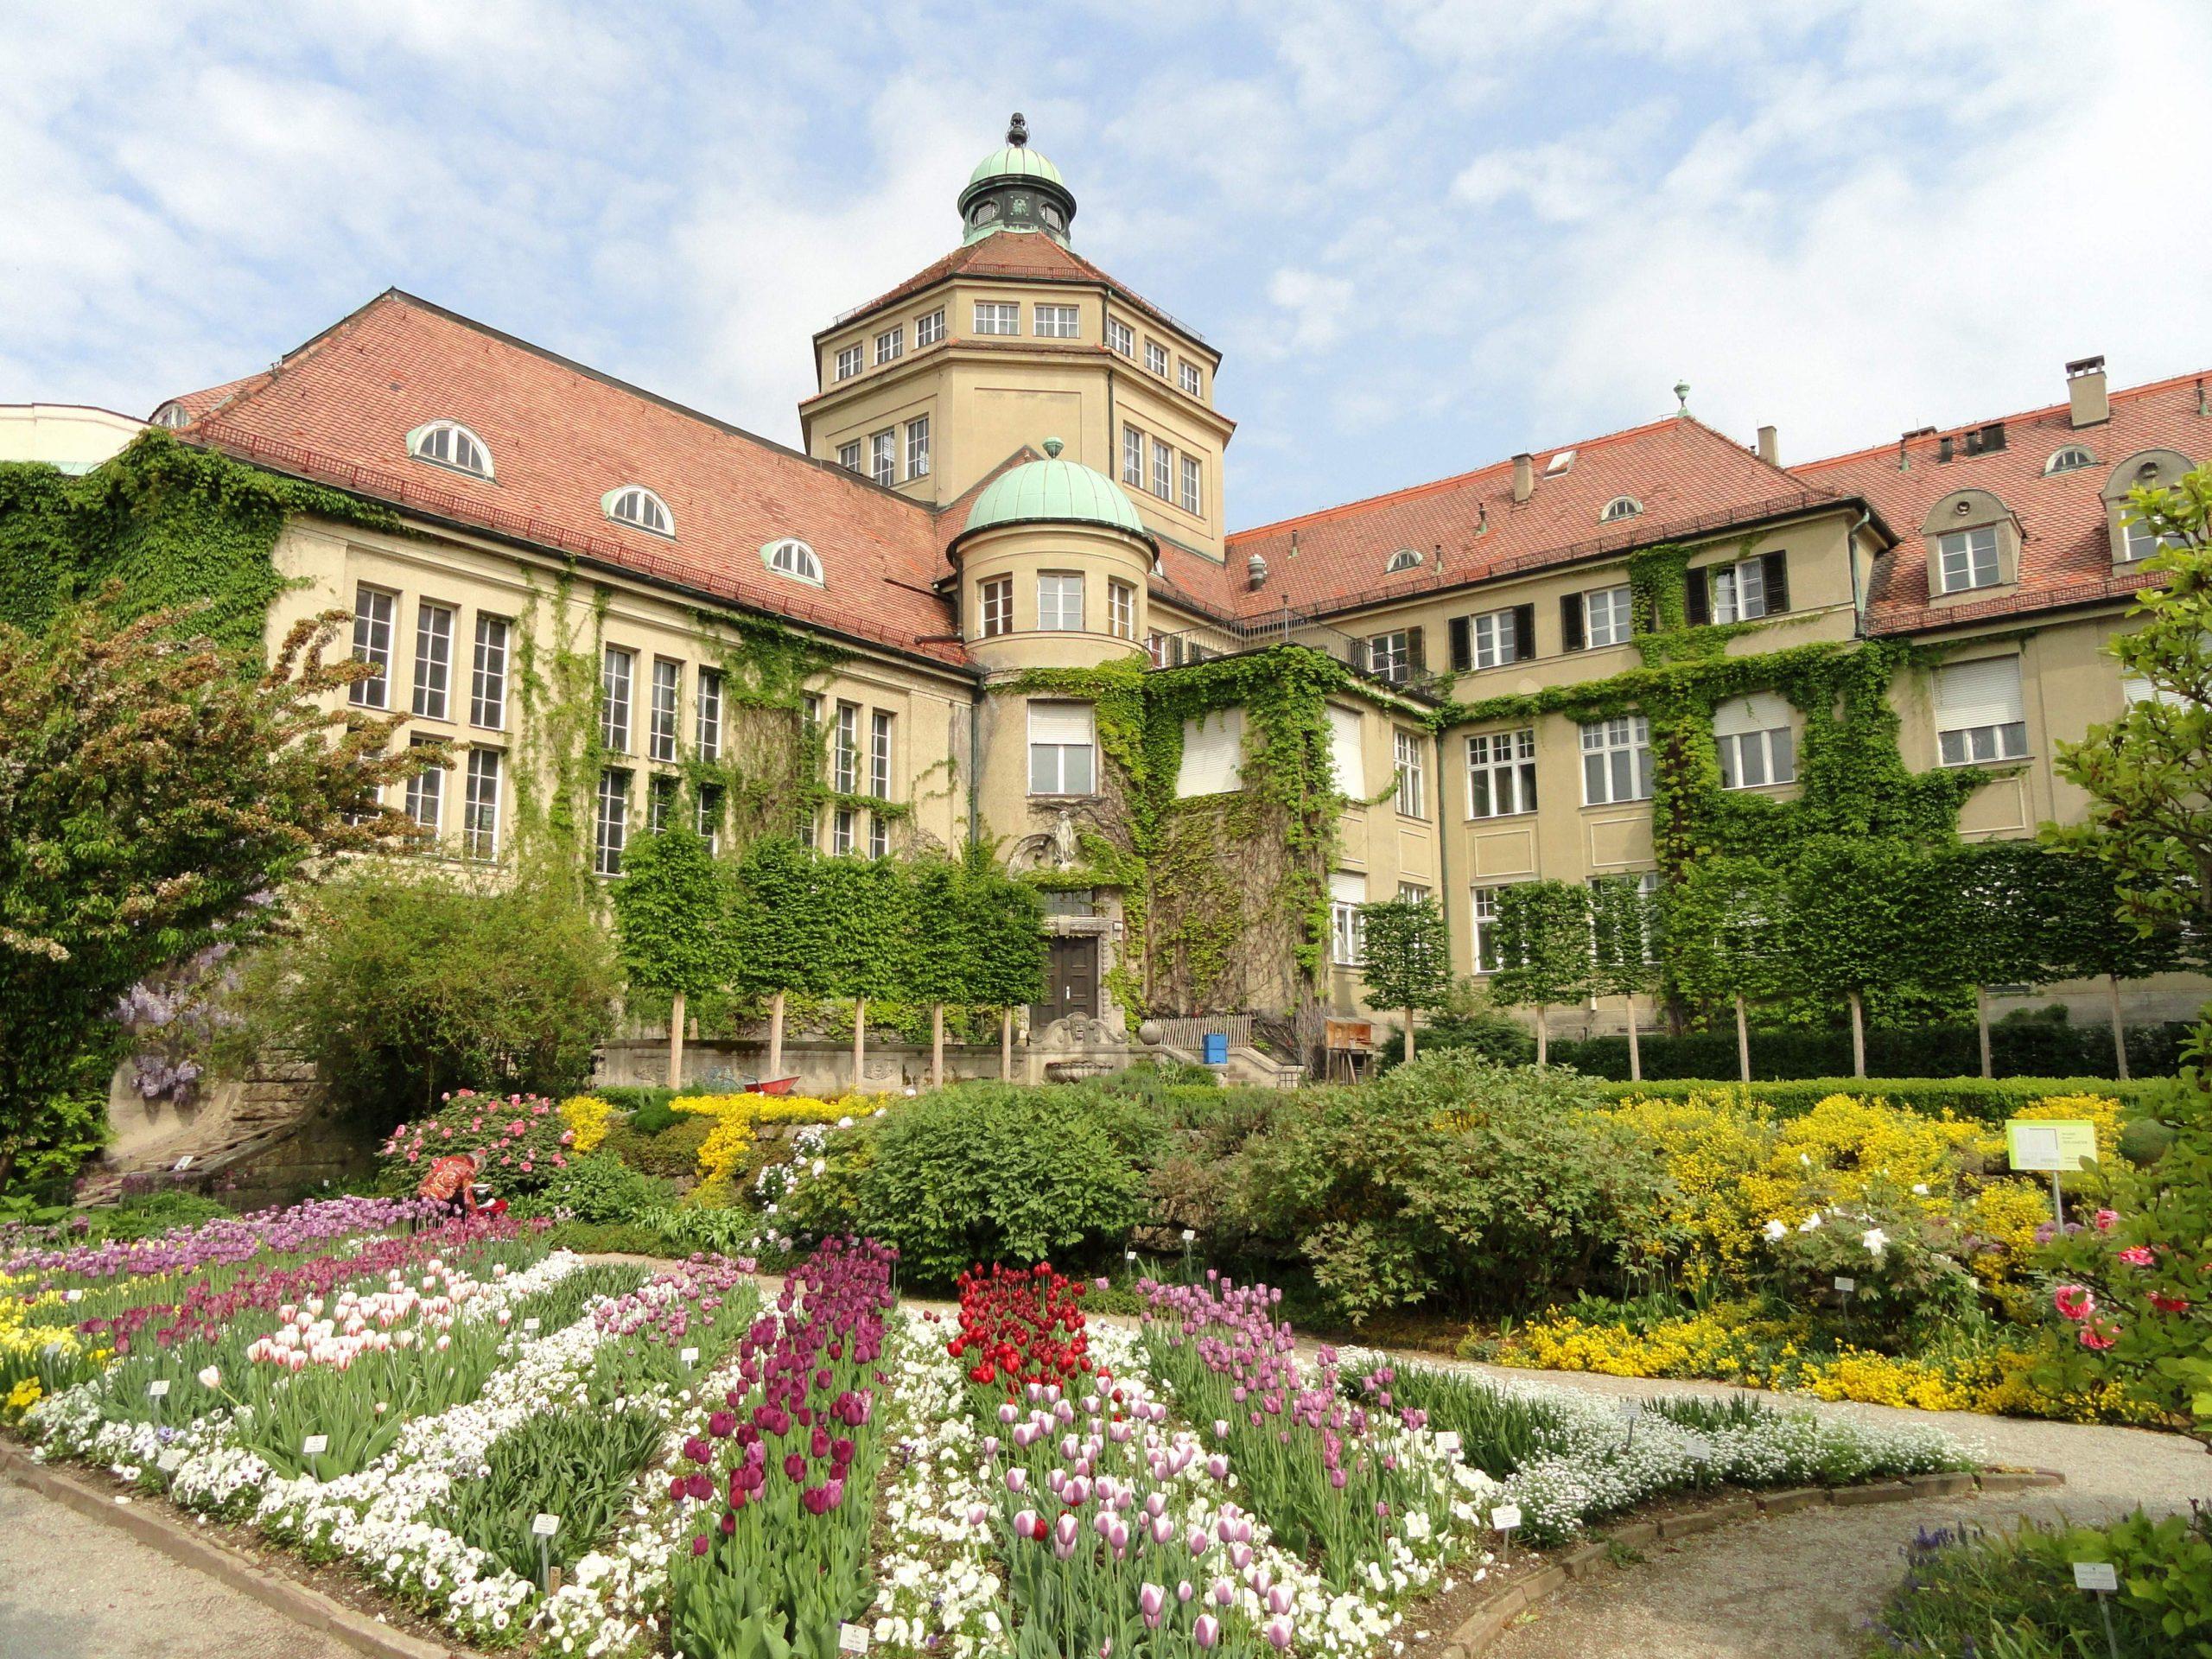 Botanischer Garten München Genial Datei Flowers In the Botanischer Garten München Nymphenburg